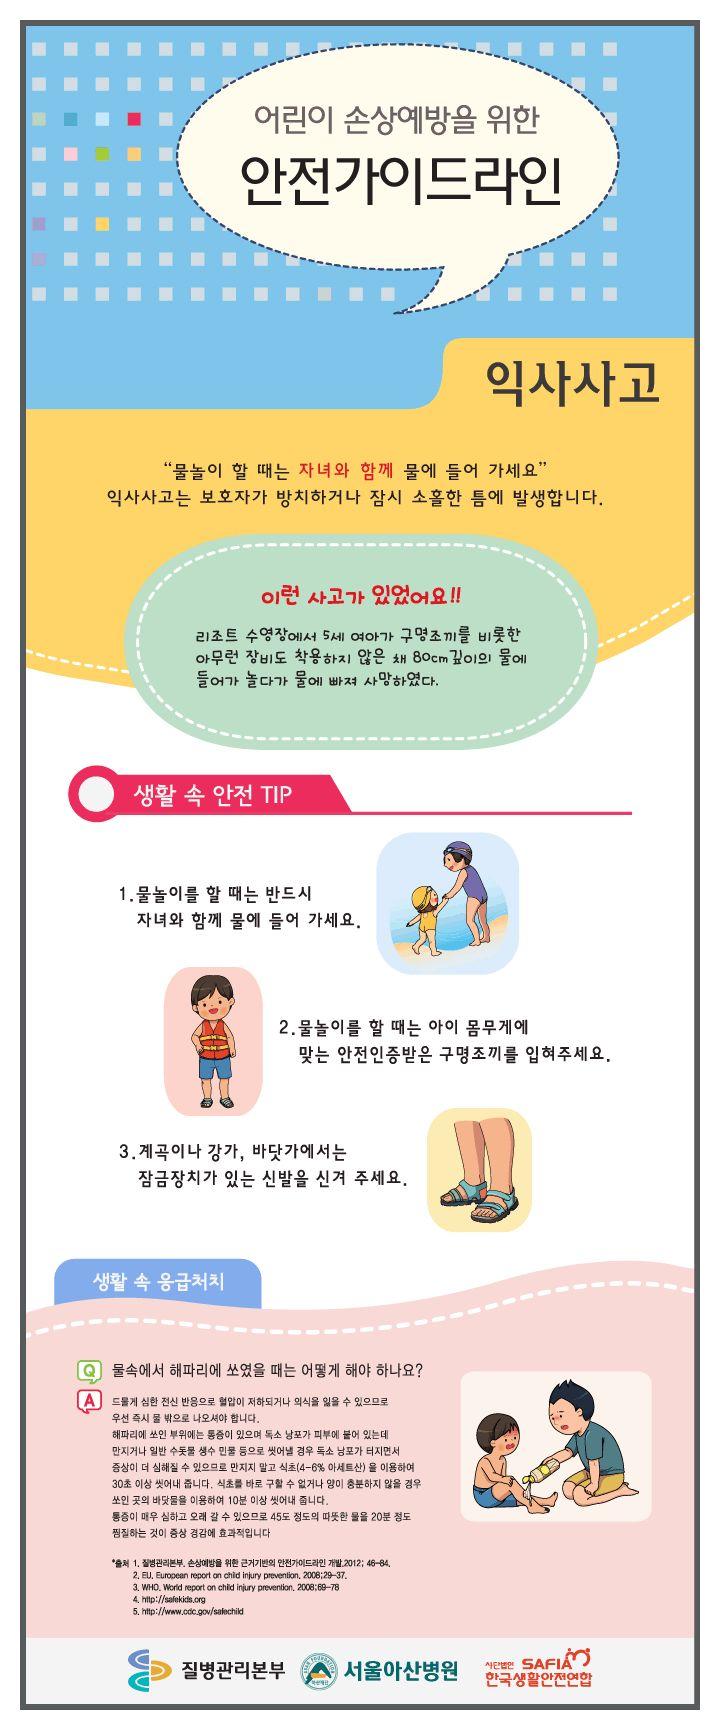 손상예방을 위한 어린이 안전가이드라인_물놀이안전(웹진)